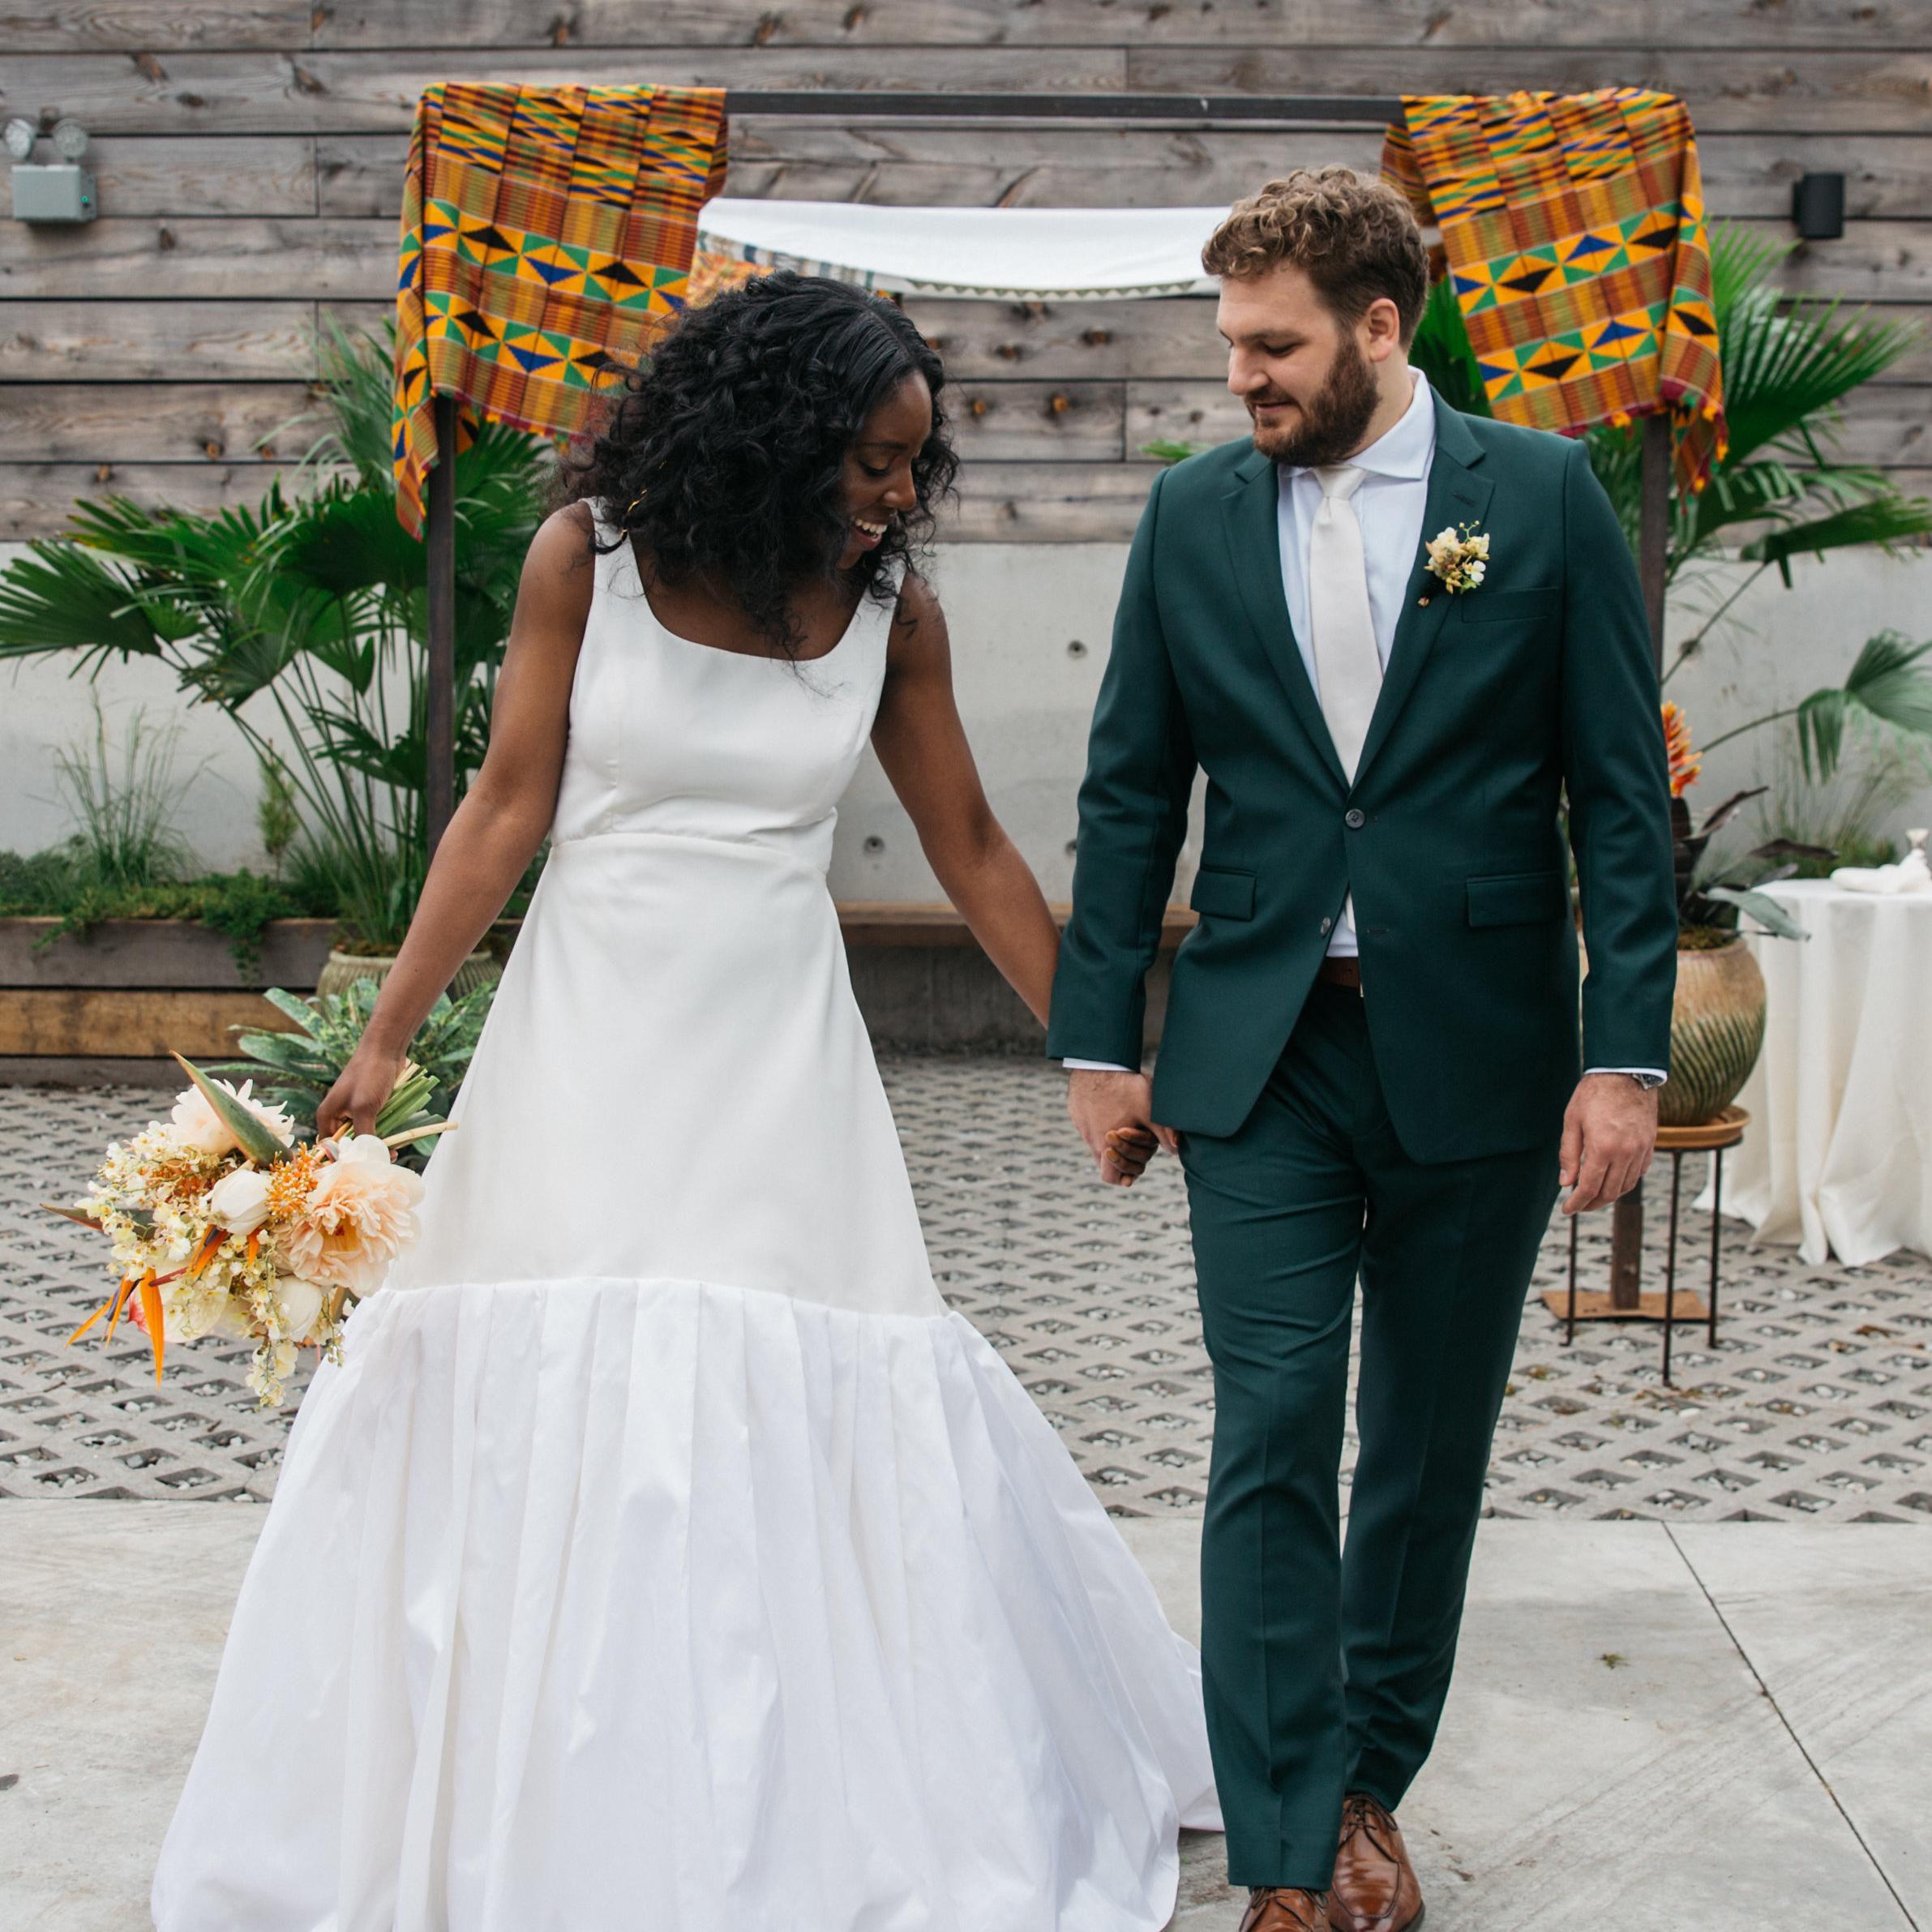 A Brooklyn Wedding In A Hip Industrial Venue